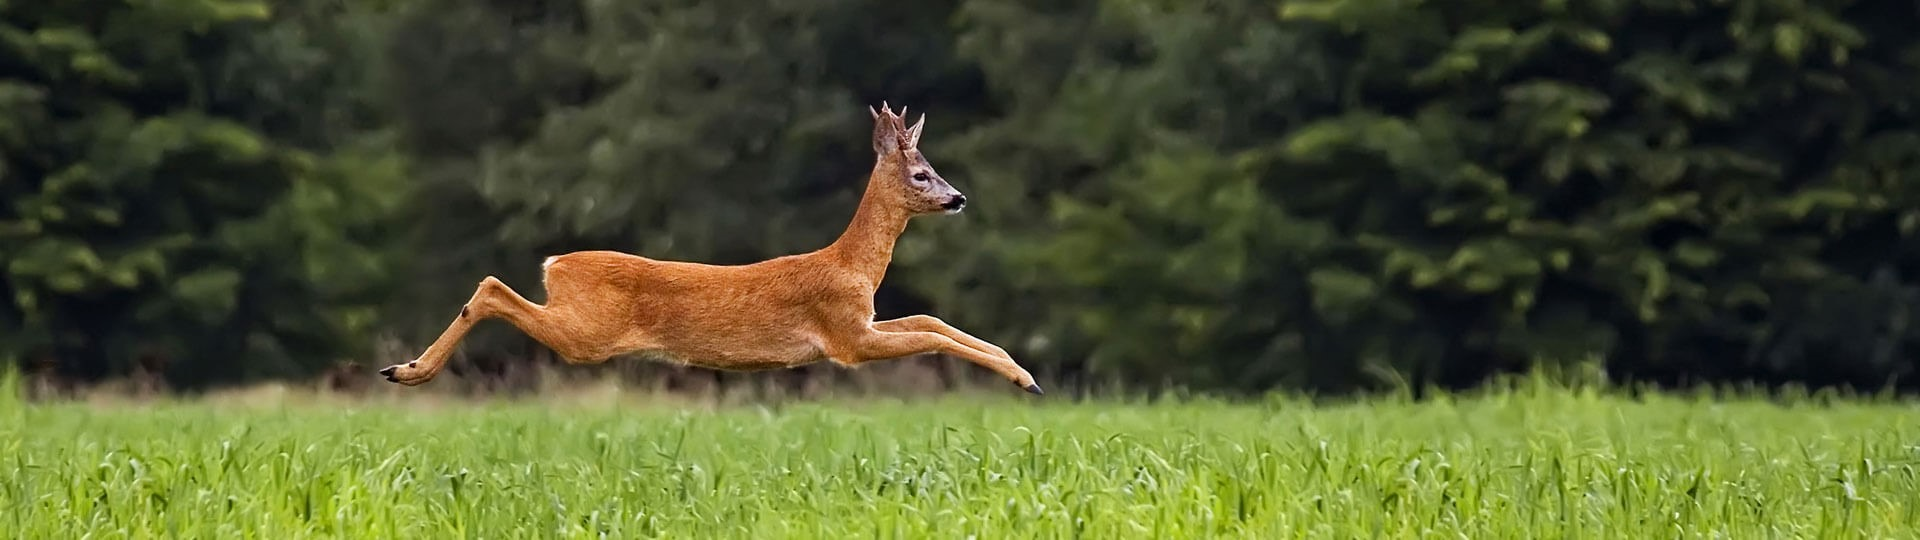 Die Wildzeit ist da, bestellen Sie jetzt unsere Wildfleisch Artikel